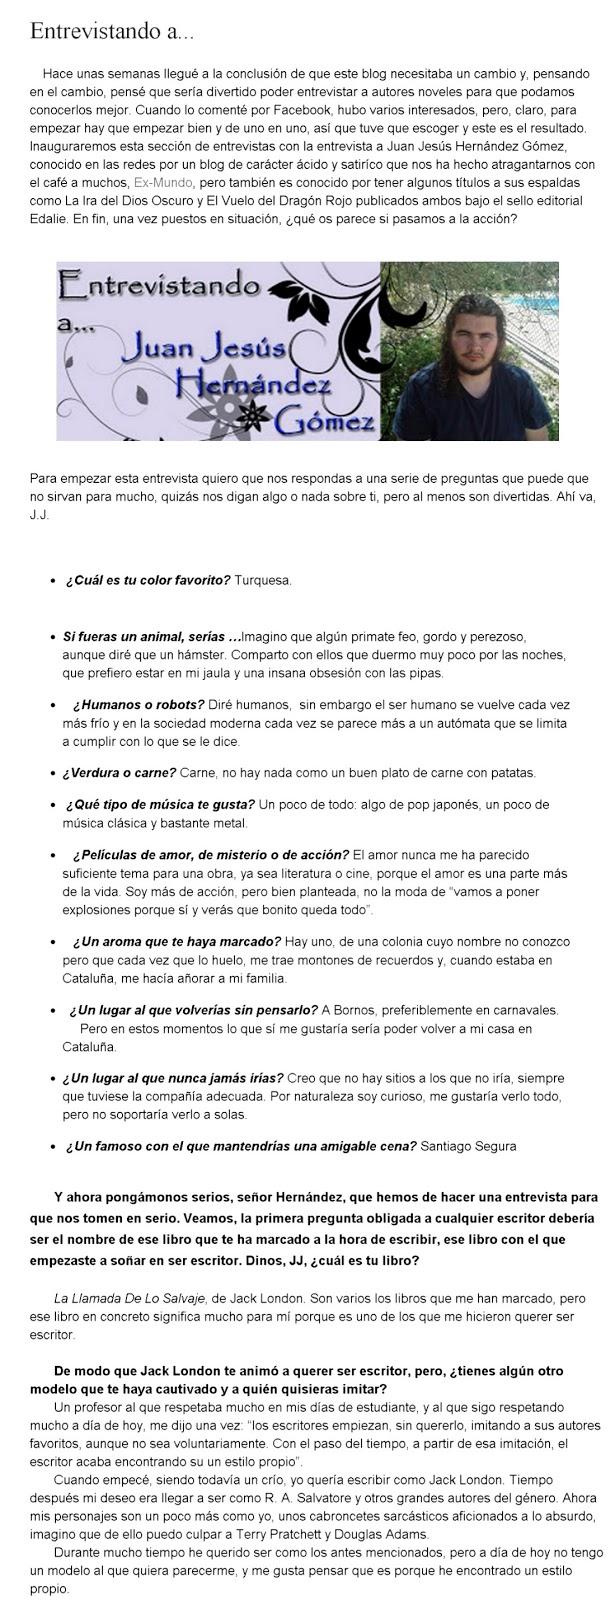 BORNICHOS POR EL MUNDO: 1/06/13 - 1/07/13